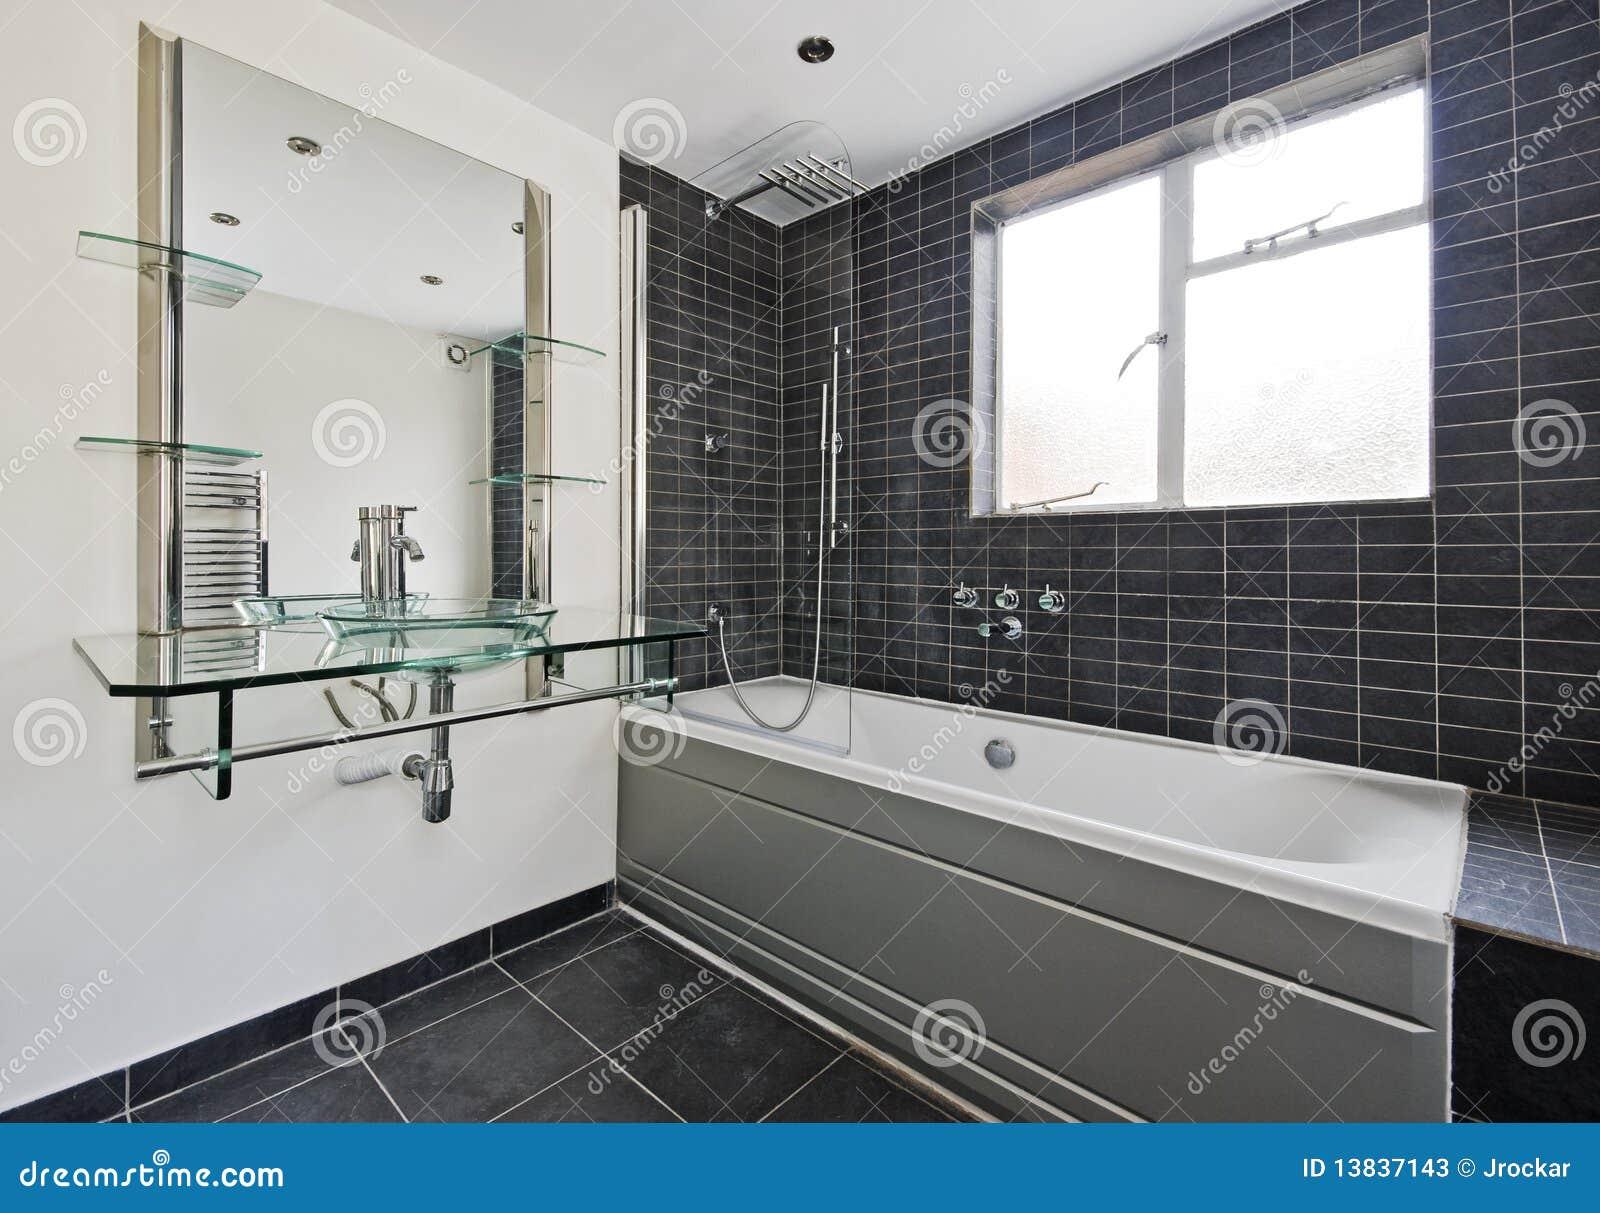 Steen betegelde badkamers stock foto 39 s afbeelding 13837143 - Betegelde badkamer ontwerp ...